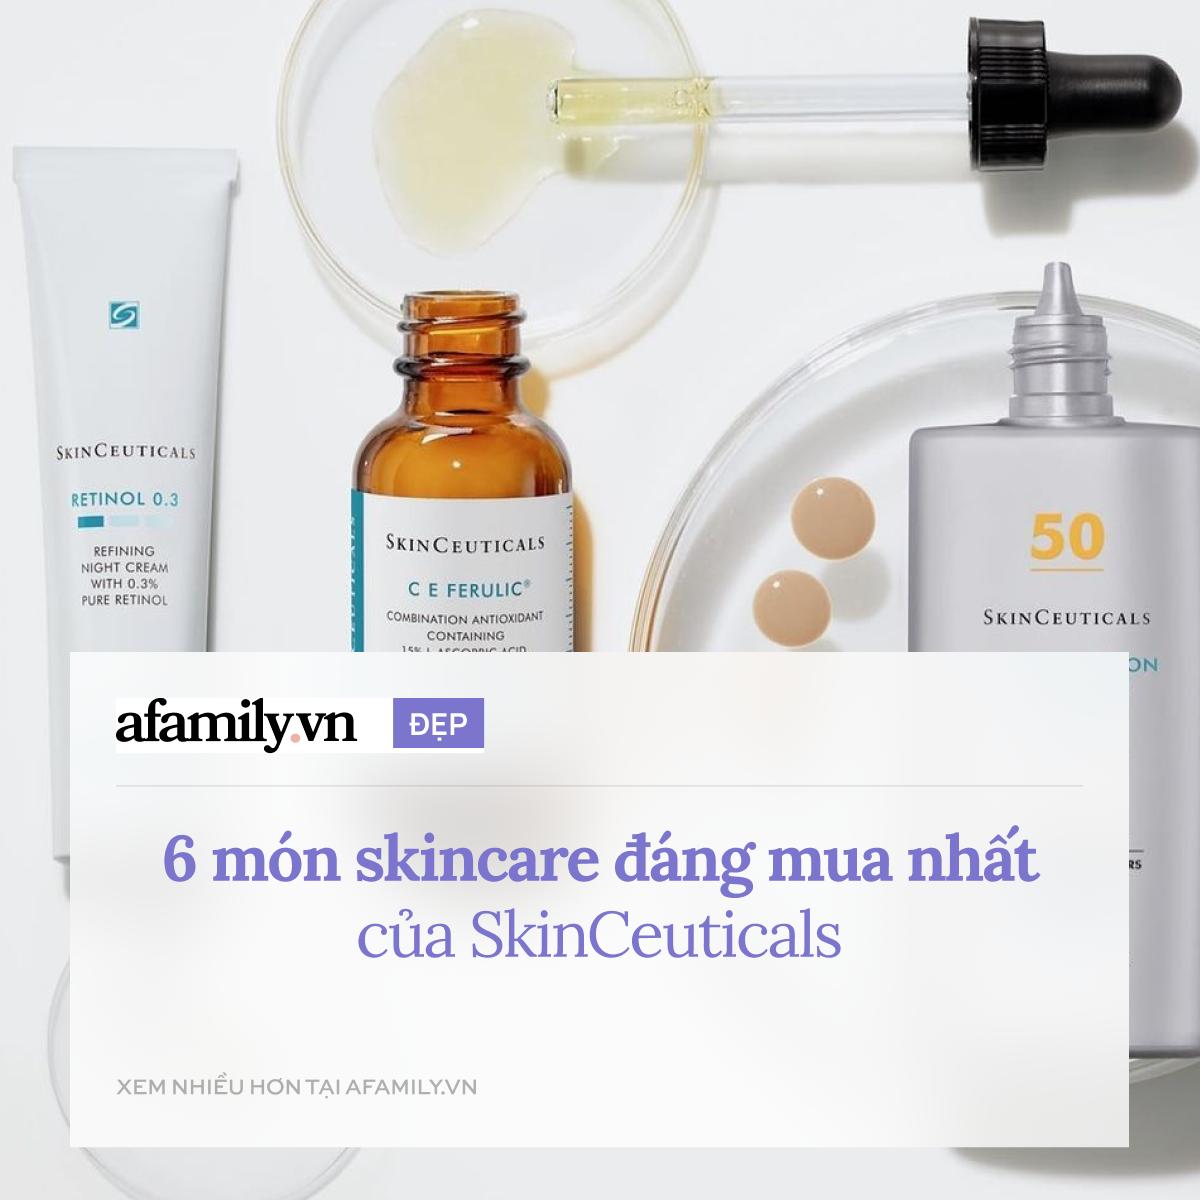 """Ngoài serum Vitamin C """"thần thánh"""", SkinCeuticals còn 5 món skincare chống lão hóa đỉnh cao giúp da đẹp vượt bậc - Ảnh 1."""